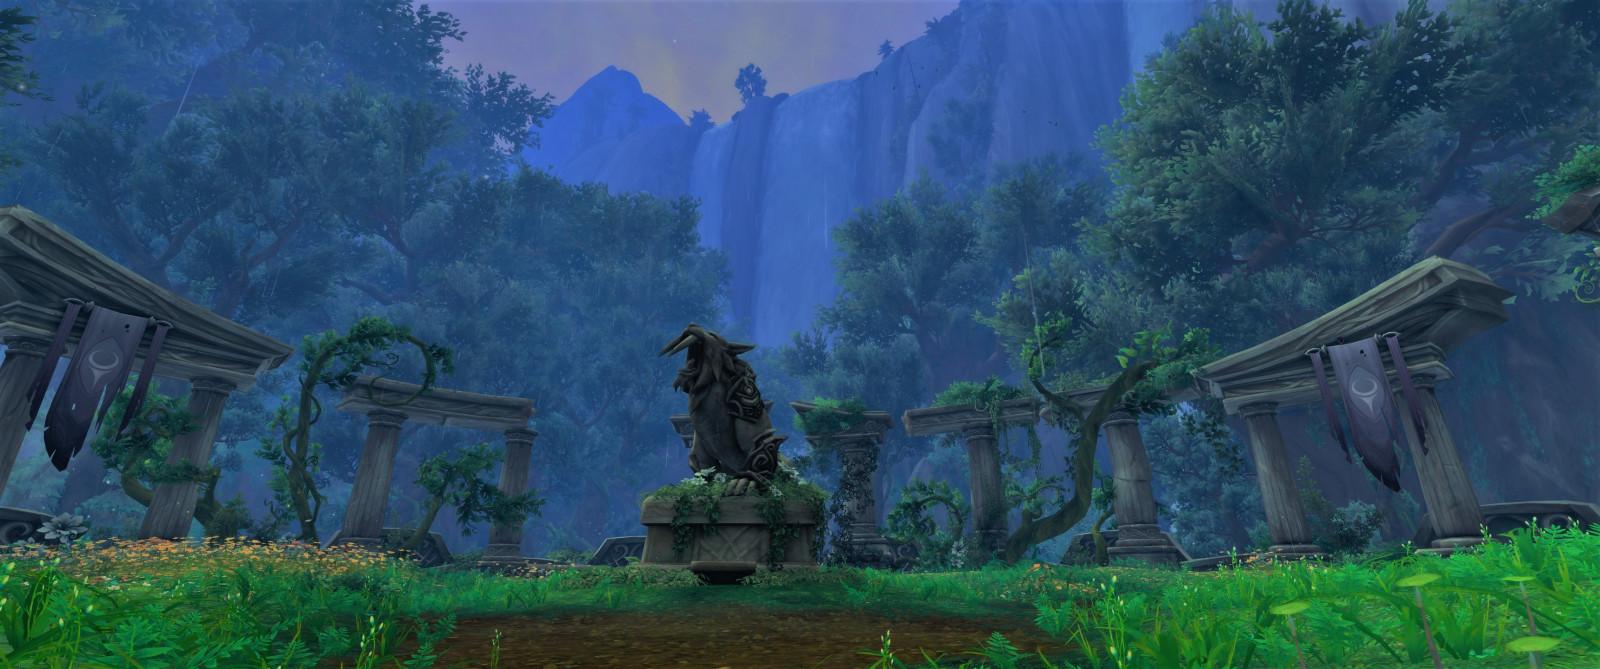 Wallpaper Landscape Grass Sky World Of Warcraft